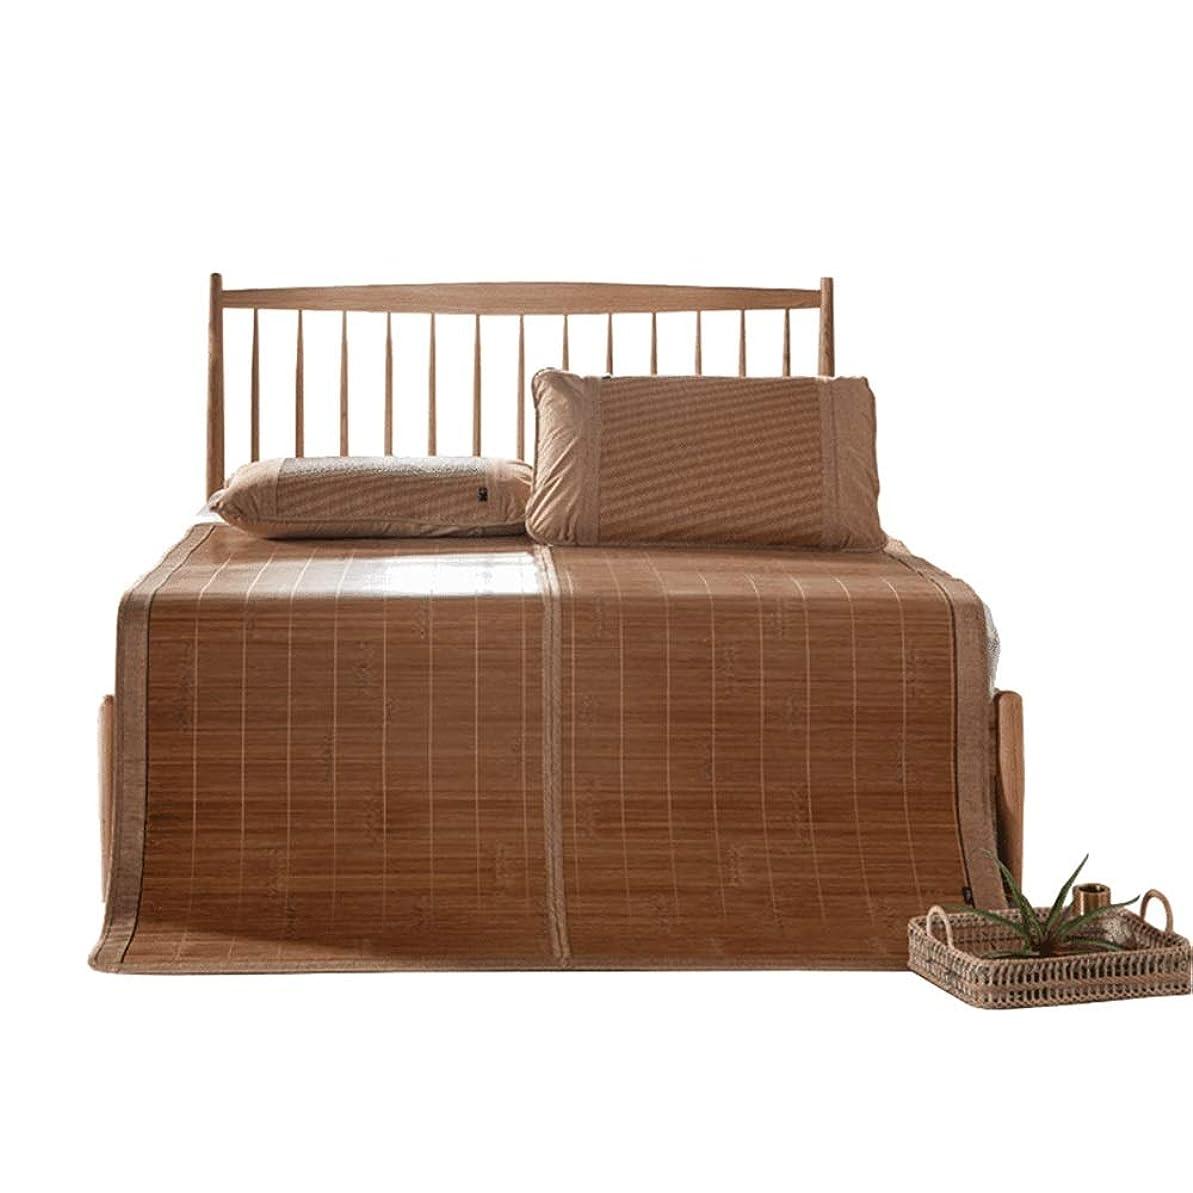 肩をすくめるアルカトラズ島ロマンチックQL サマーマットレス 夏の睡眠マット - 夏のマット、竹マットダブル、両面の睡眠マット、クールなベッド夏の寝具、折りたたみ式収納 から選択可能 竹製マットレス (Size : 120x195cm)